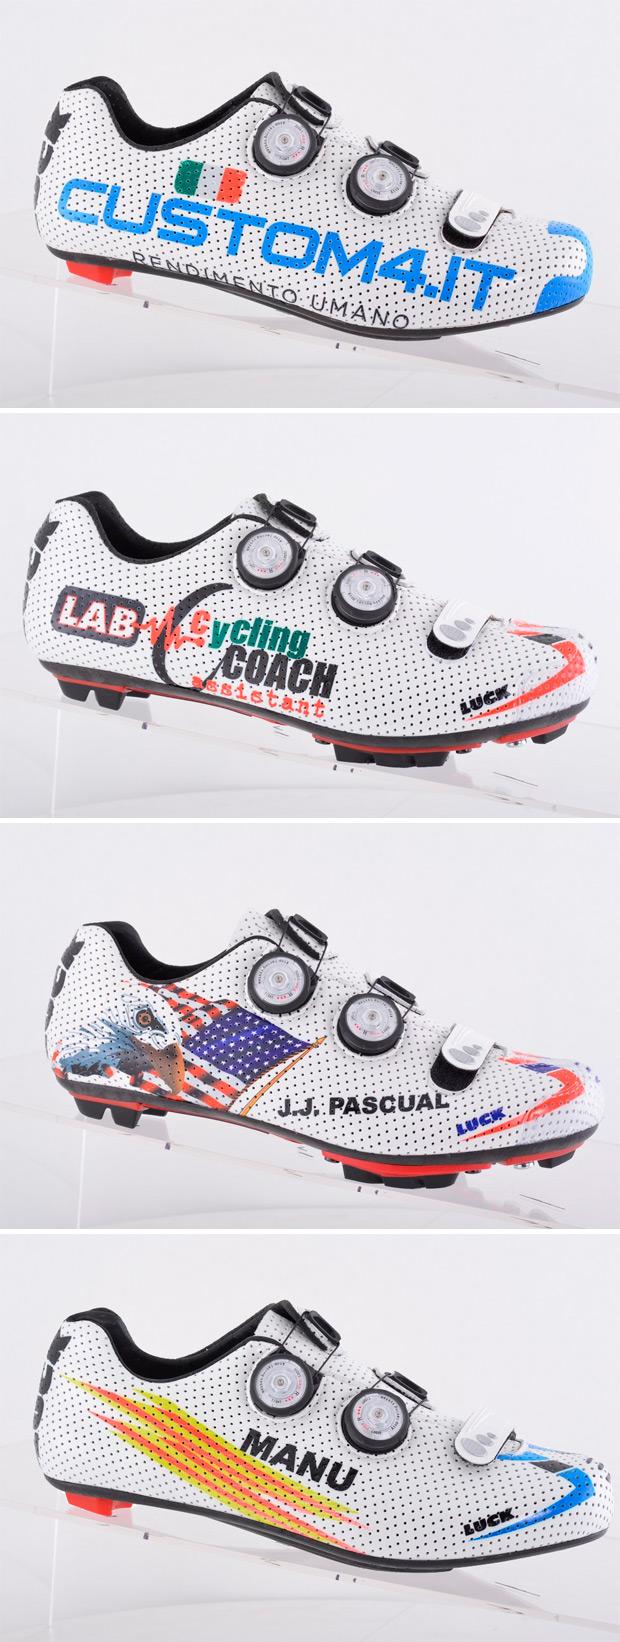 Nueva aplicación para personalizar el diseño de las zapatillas de Luck Cycling Shoes